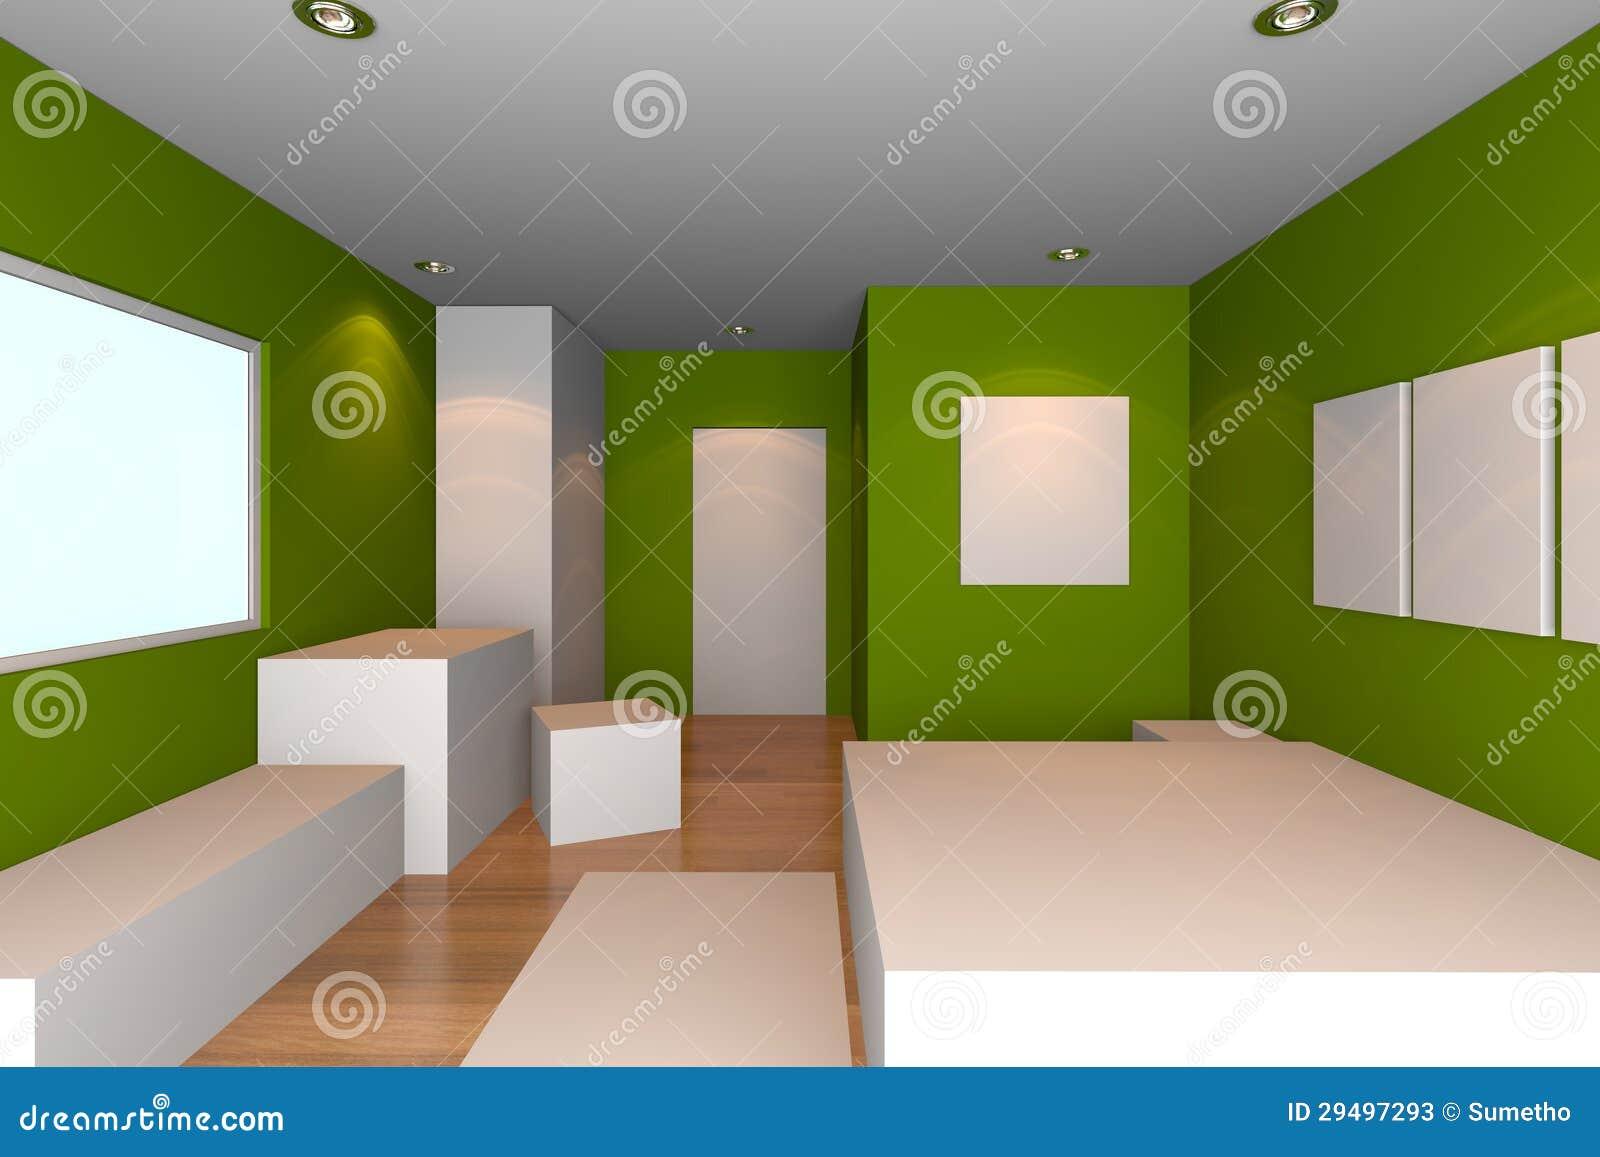 Groene Slaapkamer Stock Fotos - Afbeelding: 29497293